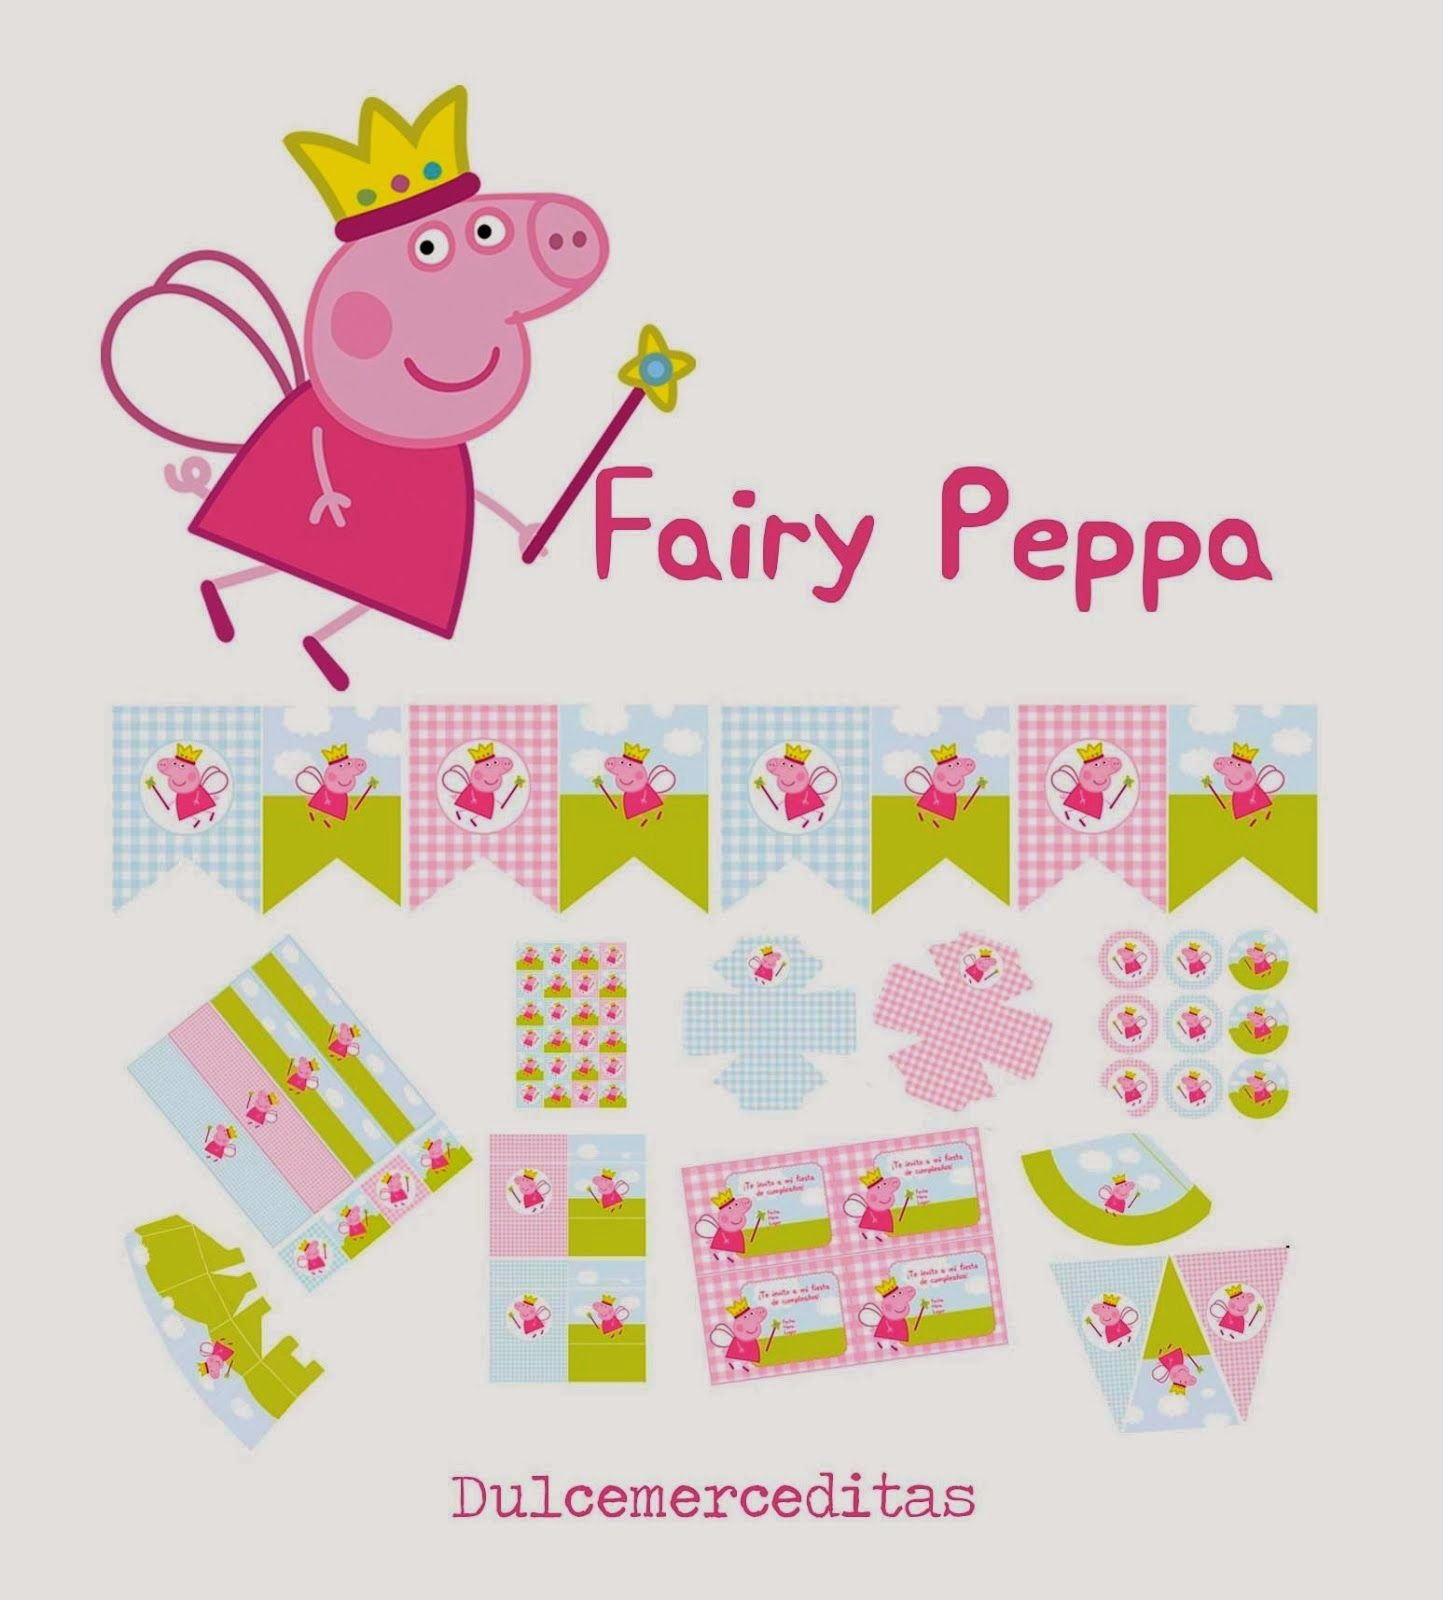 Fairy Peppa Pig Free Printable Kit. | Kris Needs This | Peppa Pig - Peppa Pig Free Printables